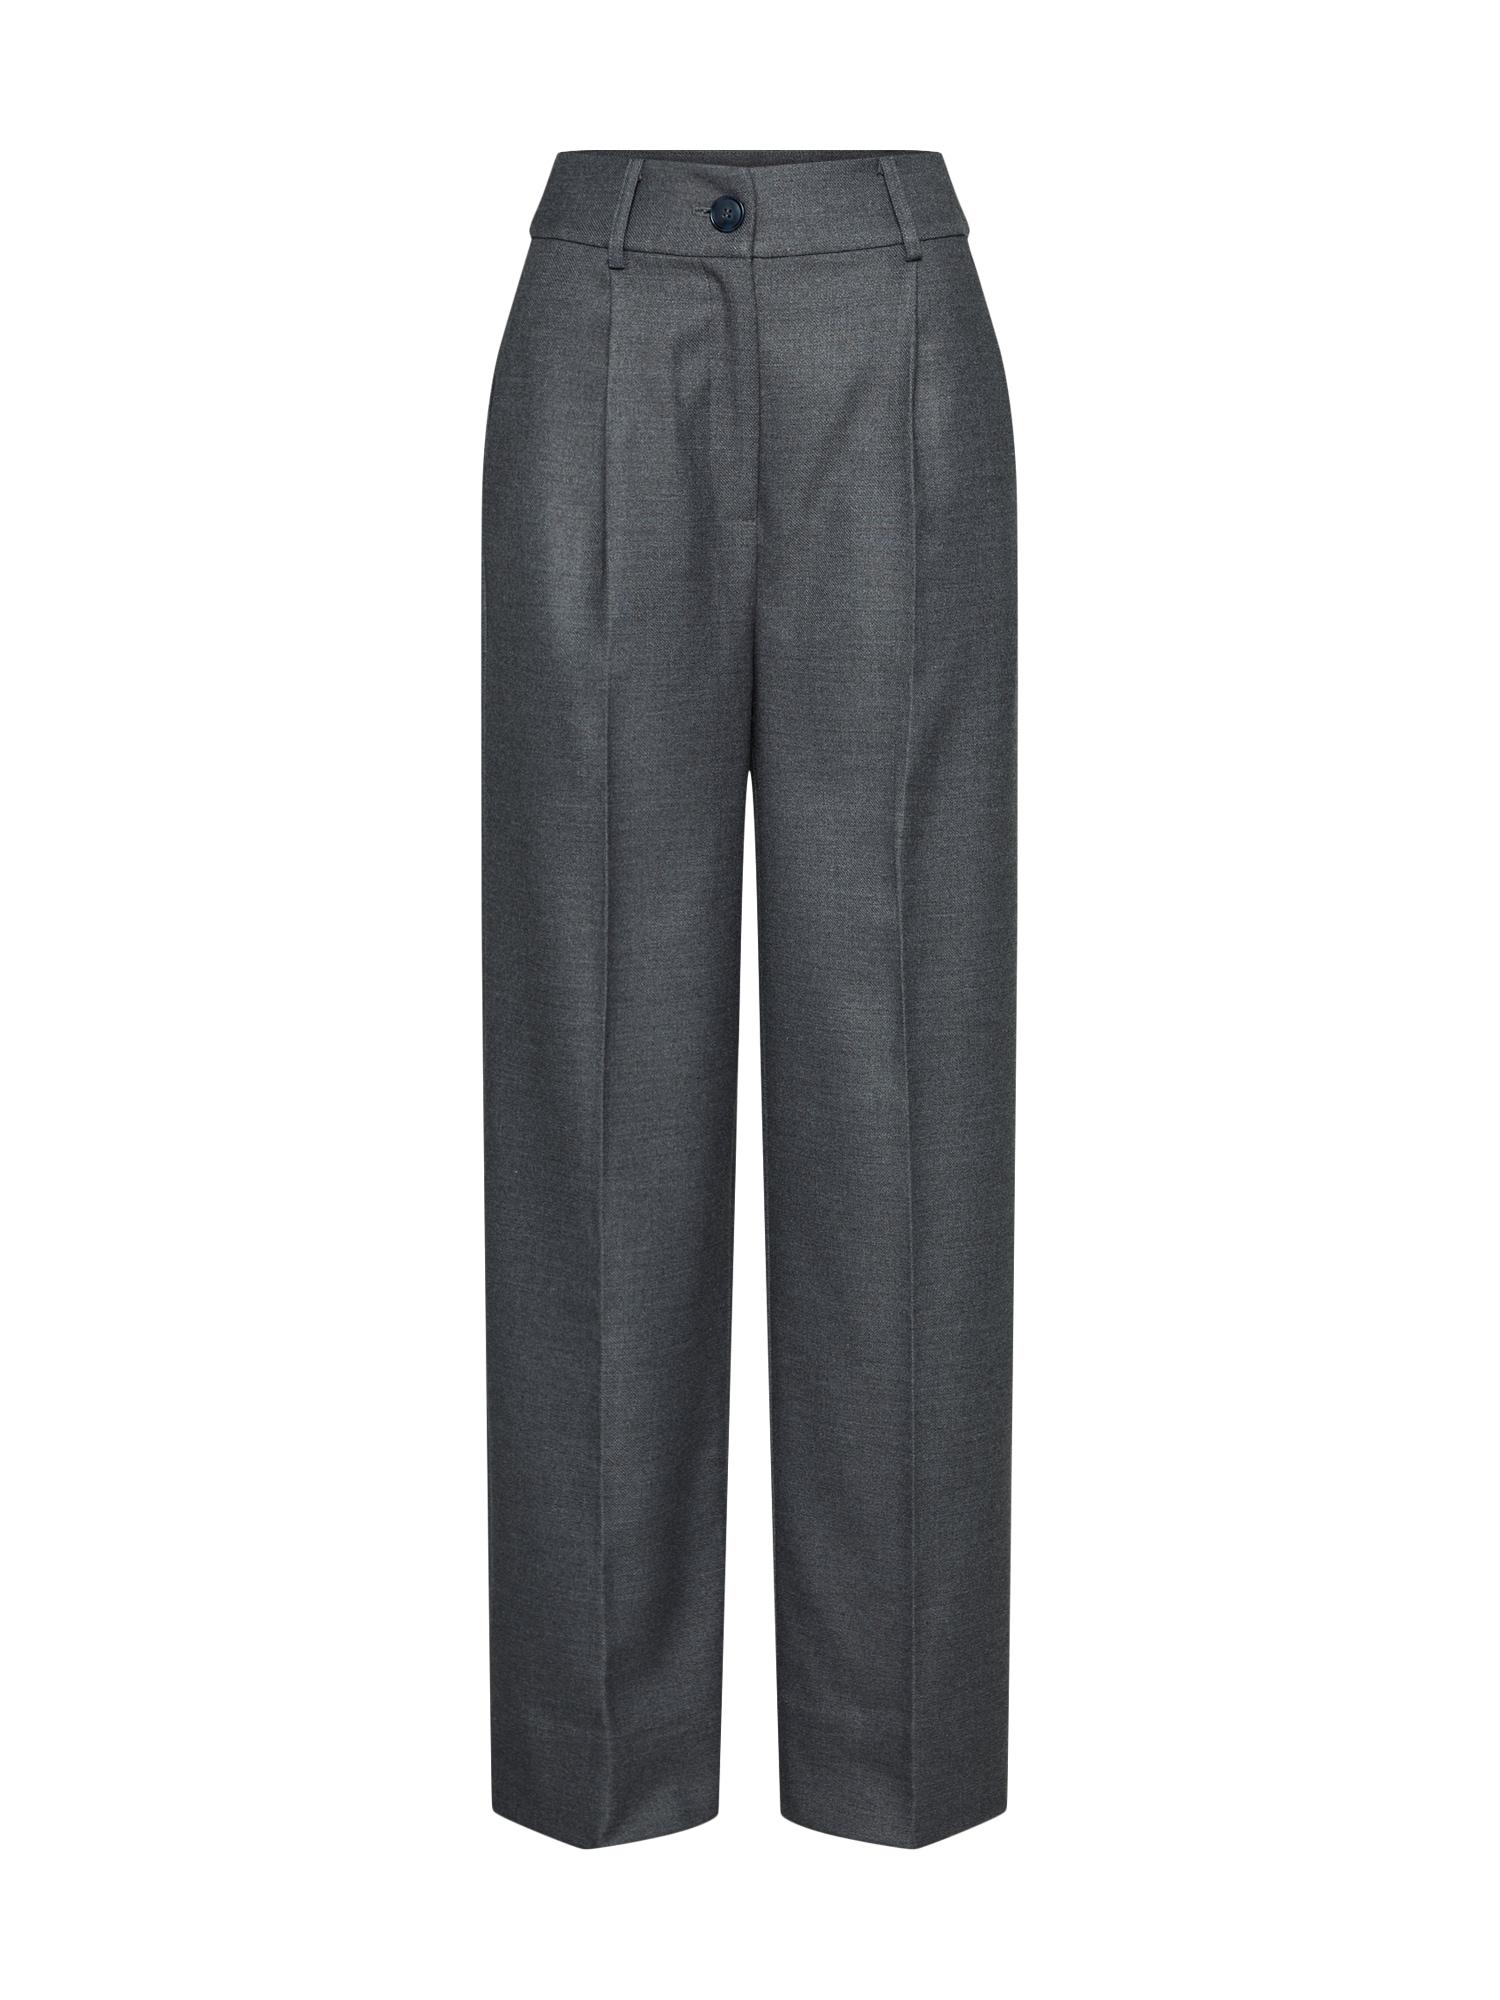 EDITED Klostuotos kelnės 'Neville' margai pilka